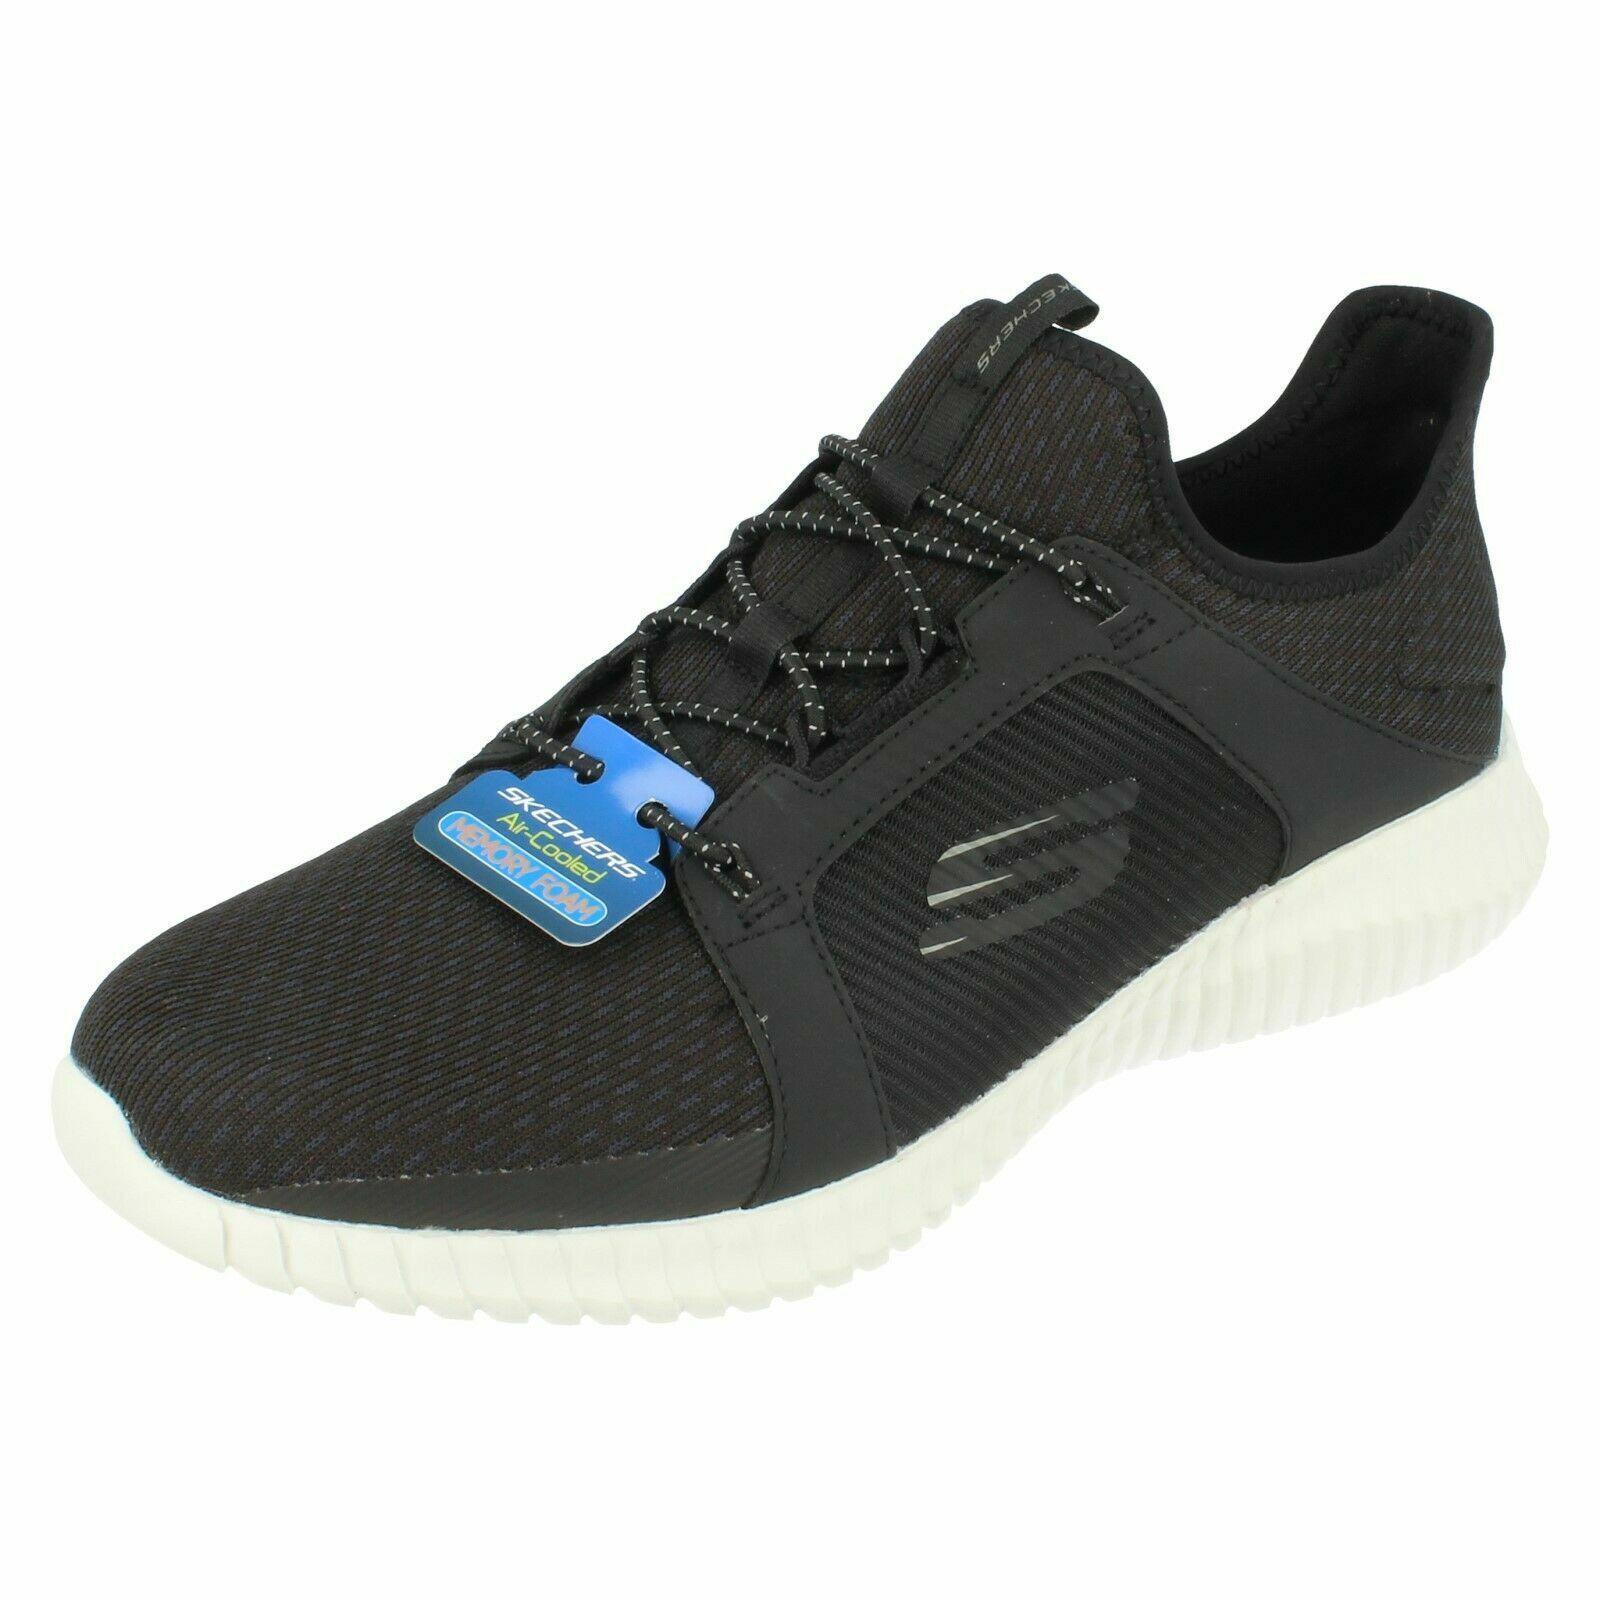 Hombre Skechers Elite Flex - 52640 Negro con Cordones   Zapatillas blancoas